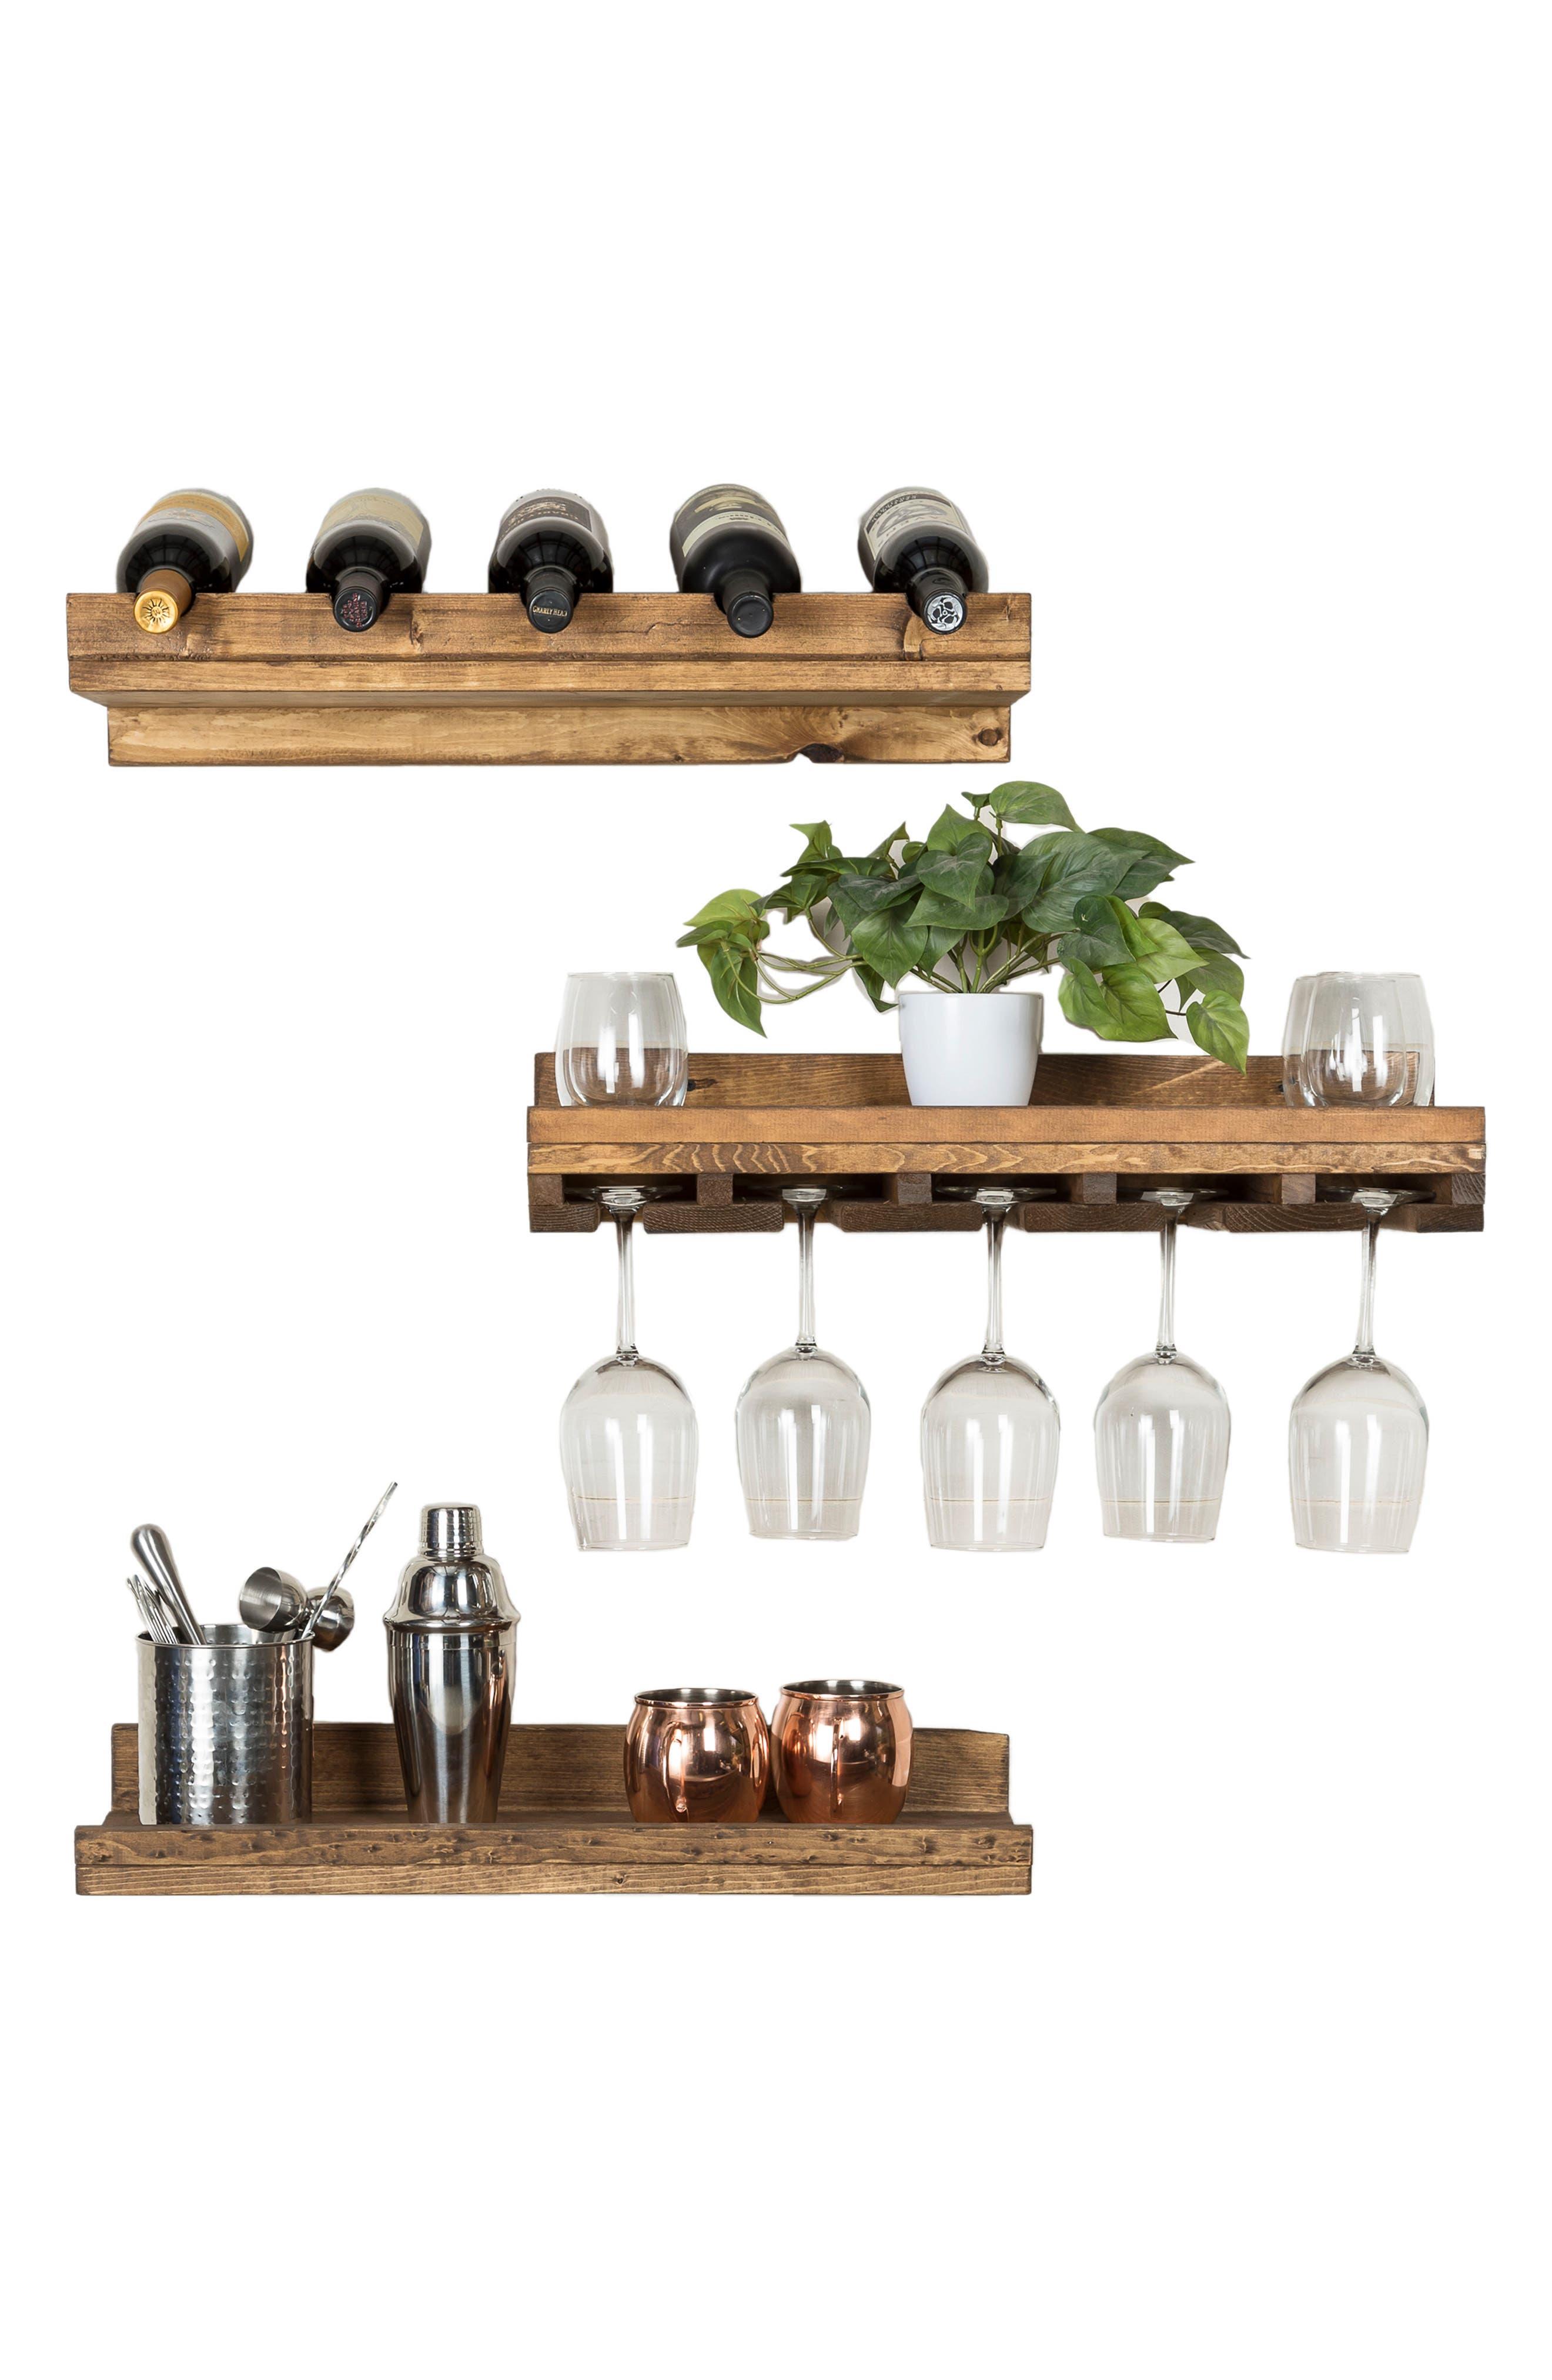 Set of 3 Pine Wood Wine Racks,                             Alternate thumbnail 12, color,                             Dark Walnut